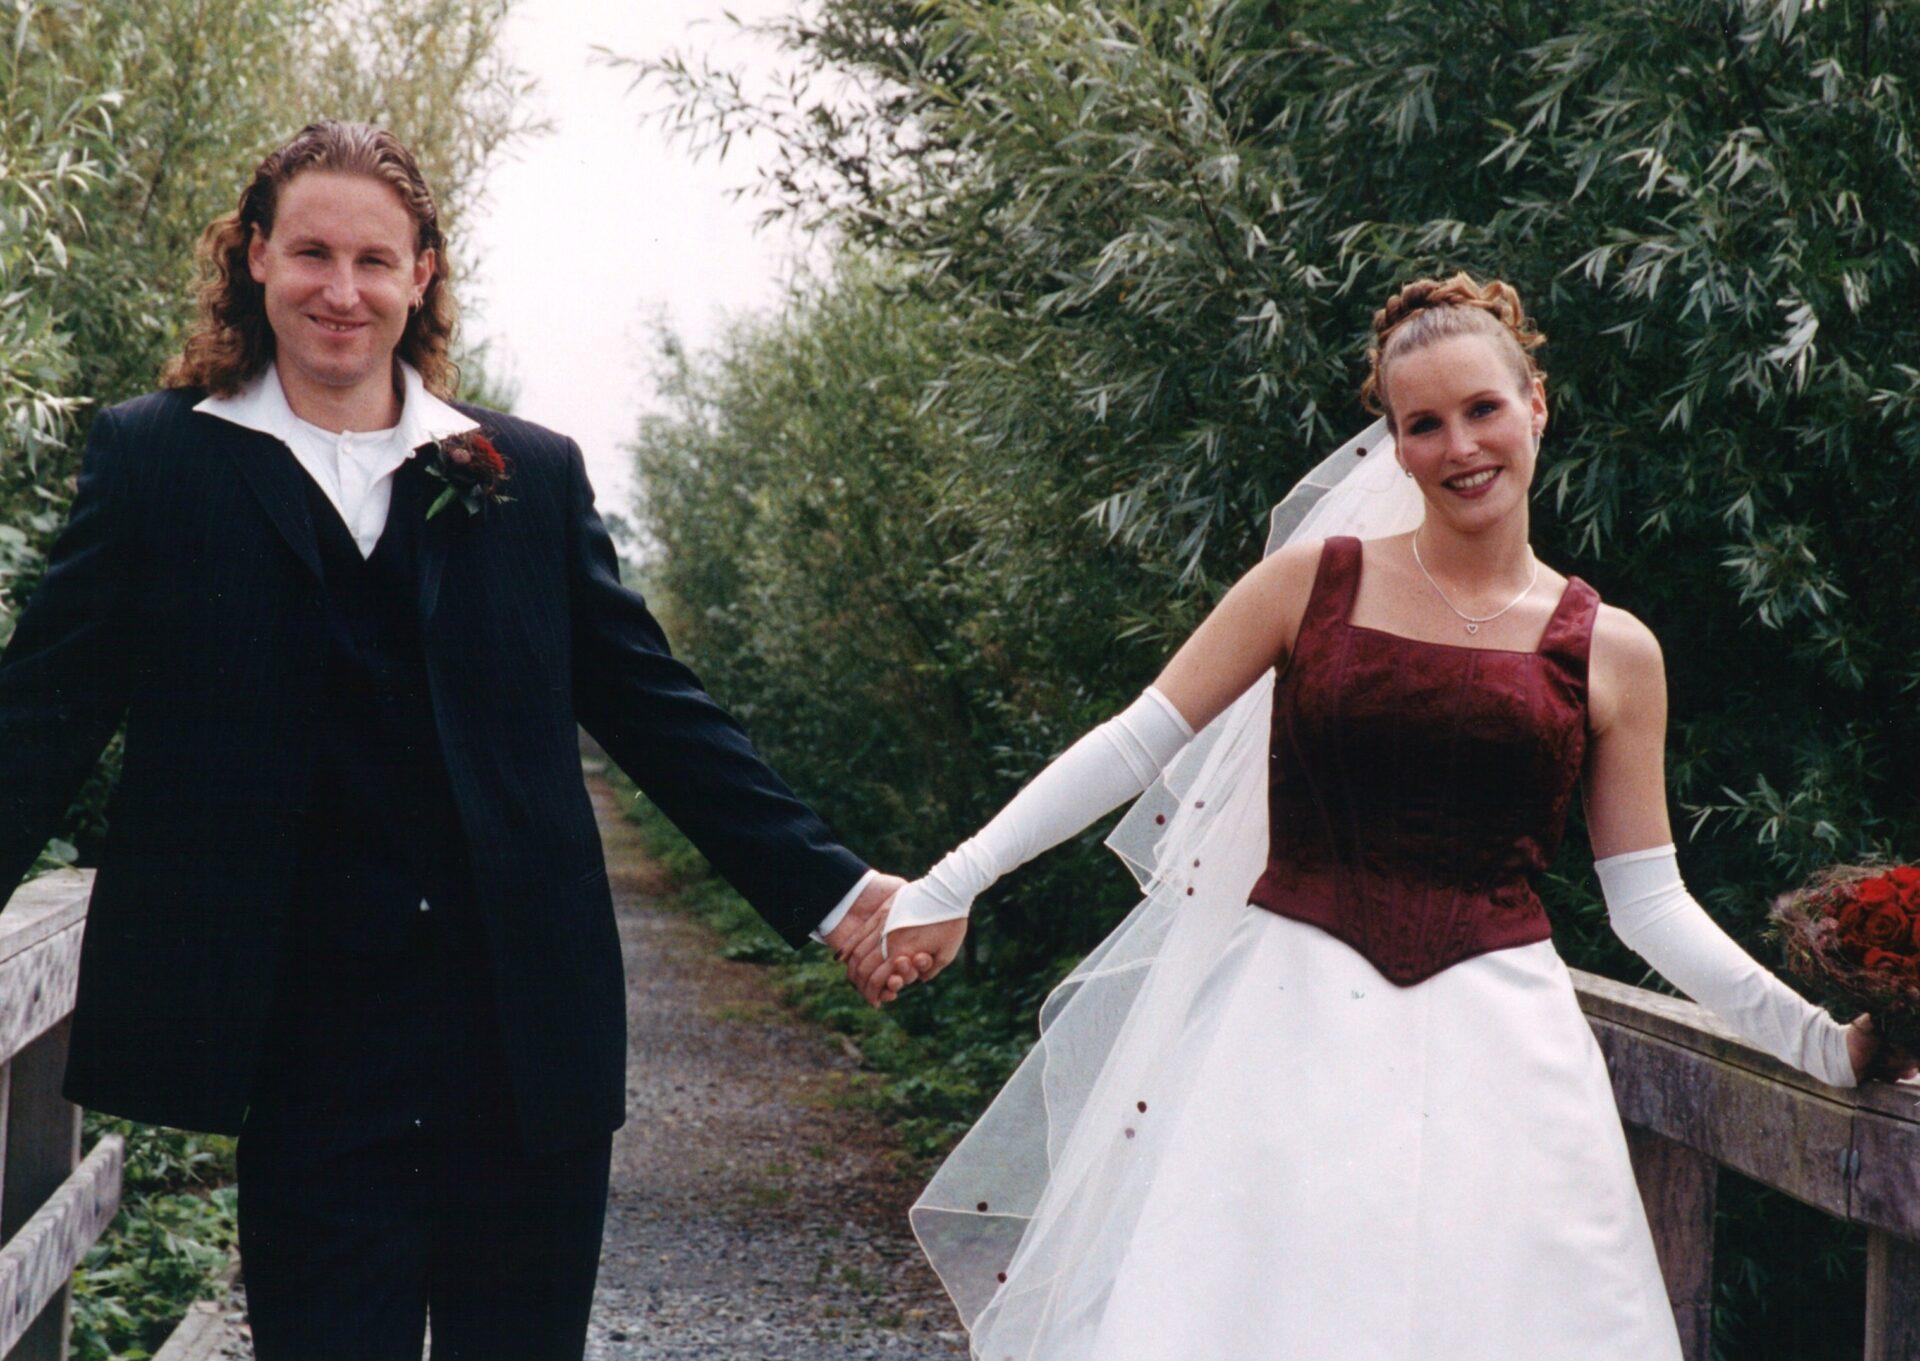 Huwelijk Biesbosch MuseumEiland